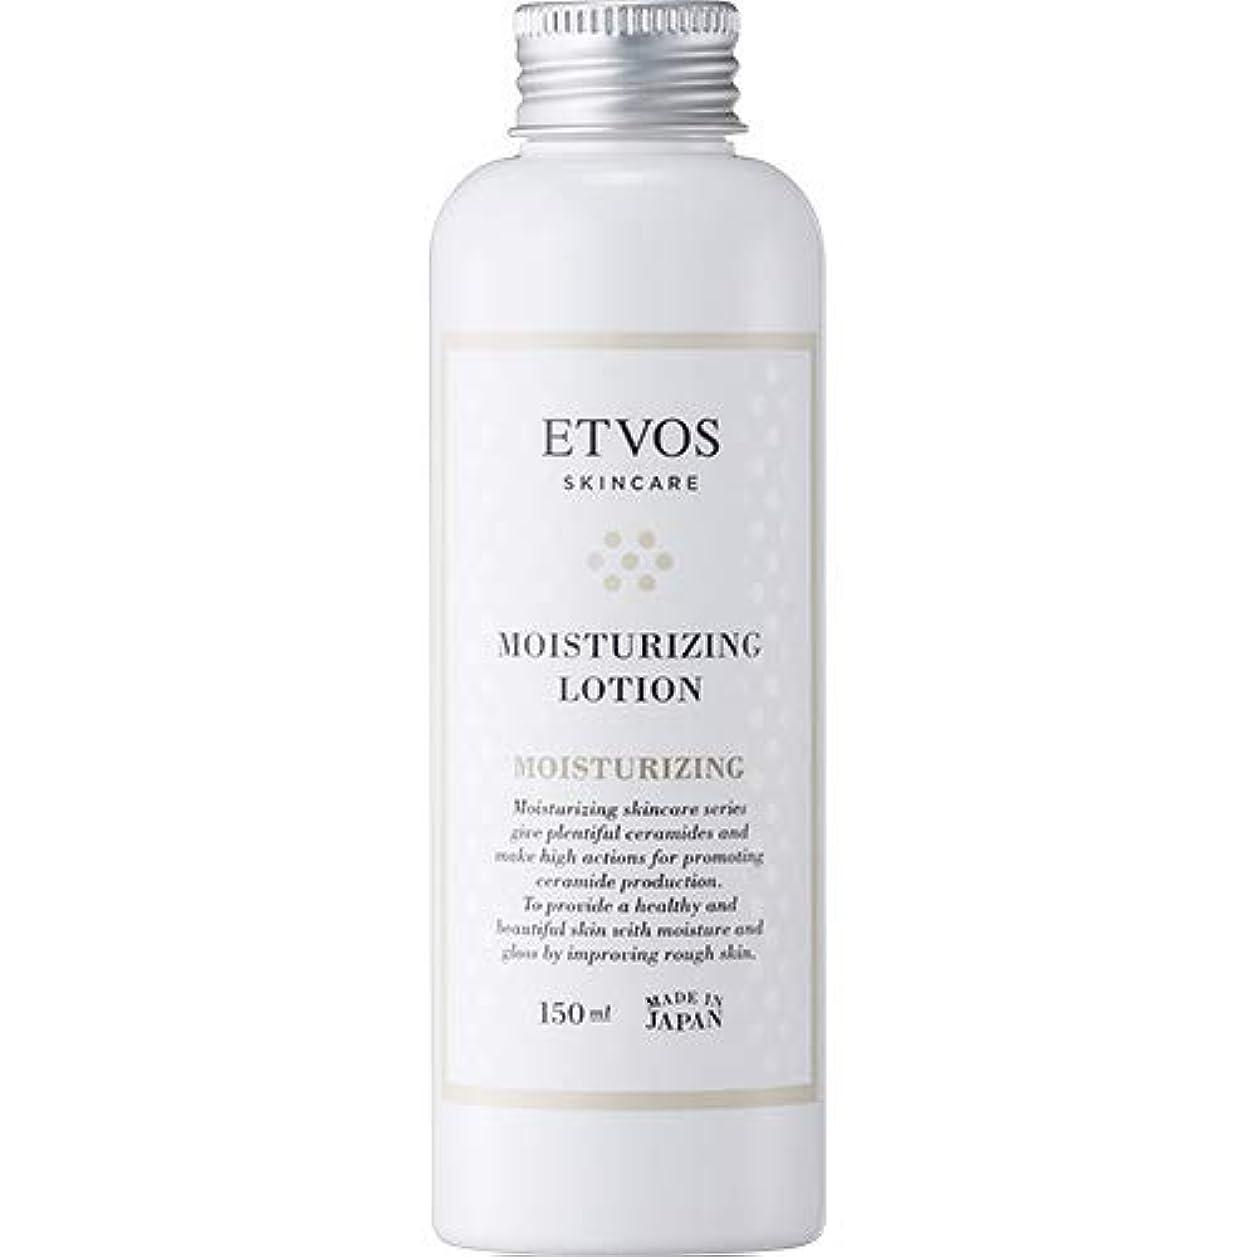 うなる天皇老朽化したETVOS(エトヴォス) 保湿化粧水 モイスチャライジングローション 150ml セラミド 乾燥肌 パラベンフリー